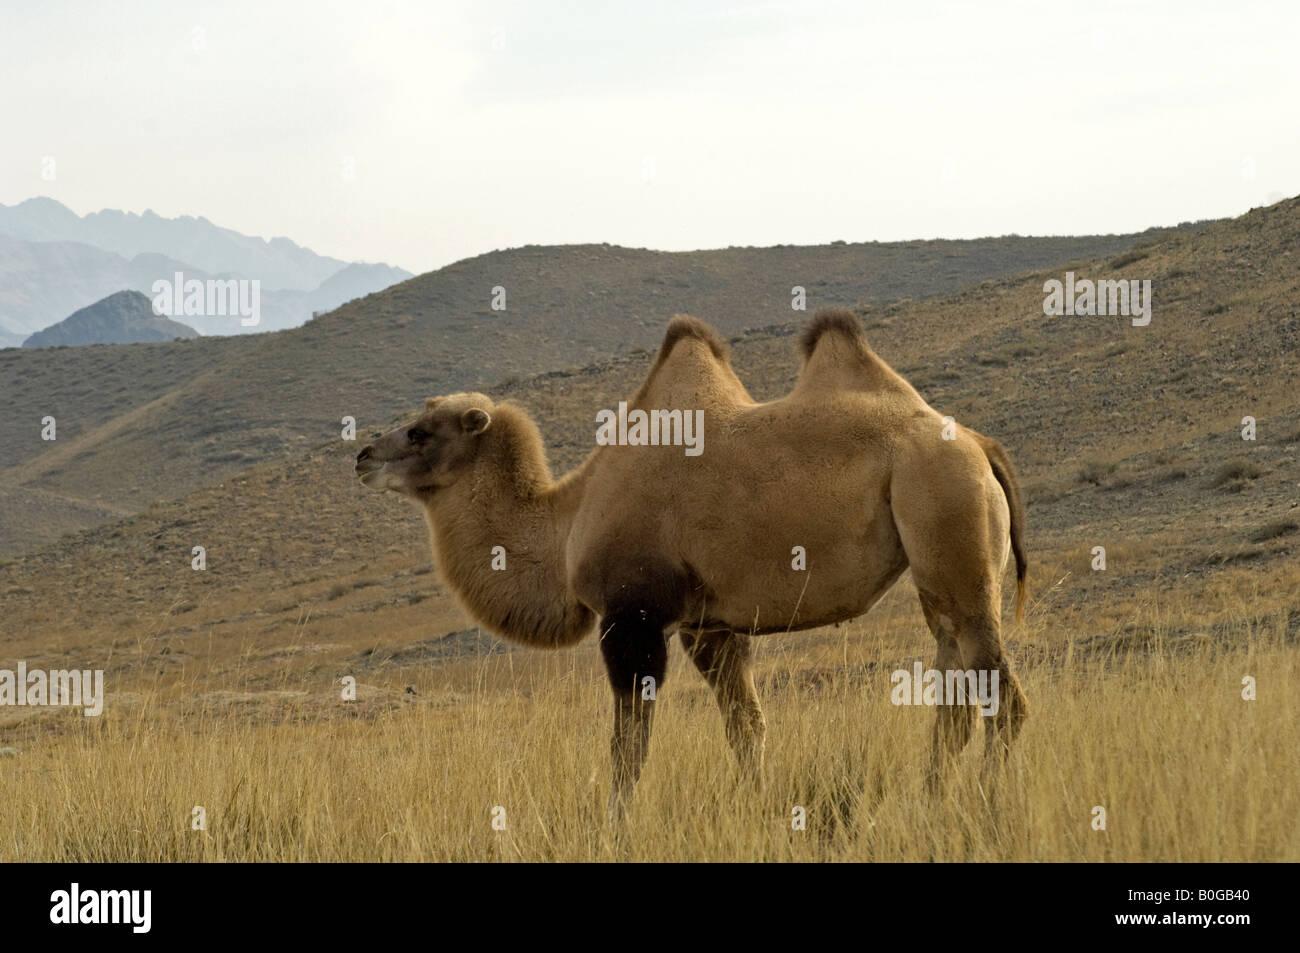 Bactrian Camel Or Two Hump Camelus Bactrianus In Desert Xinjiang China